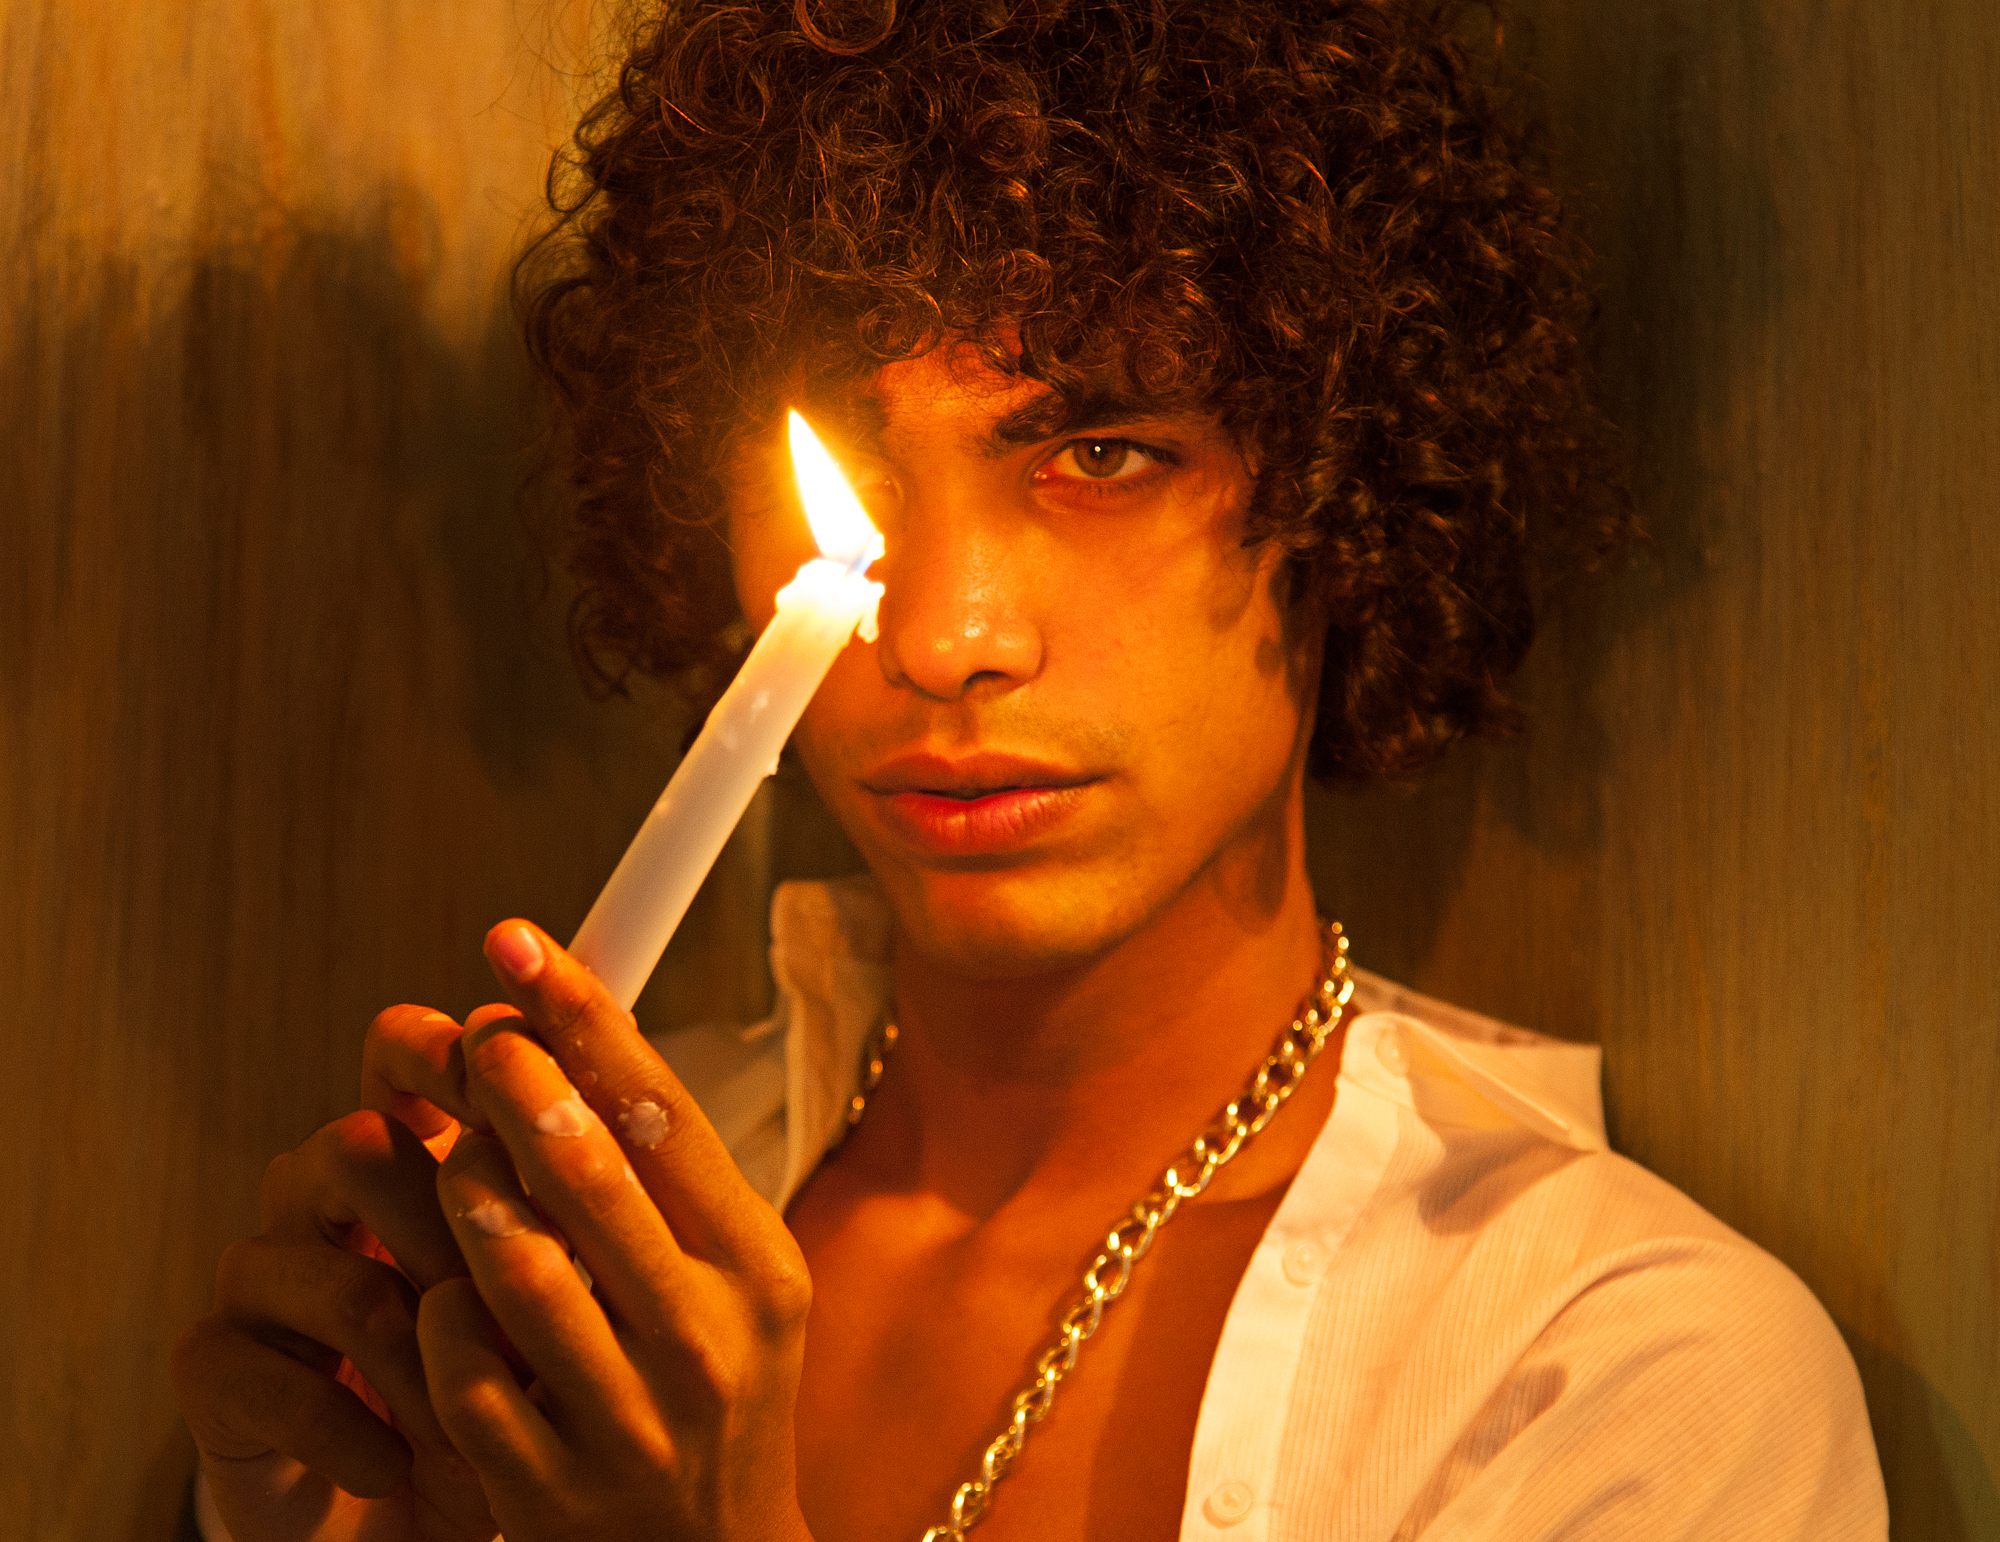 Alexis-Ordonez-Kat-Kaye-lofficiel-curly.jpg